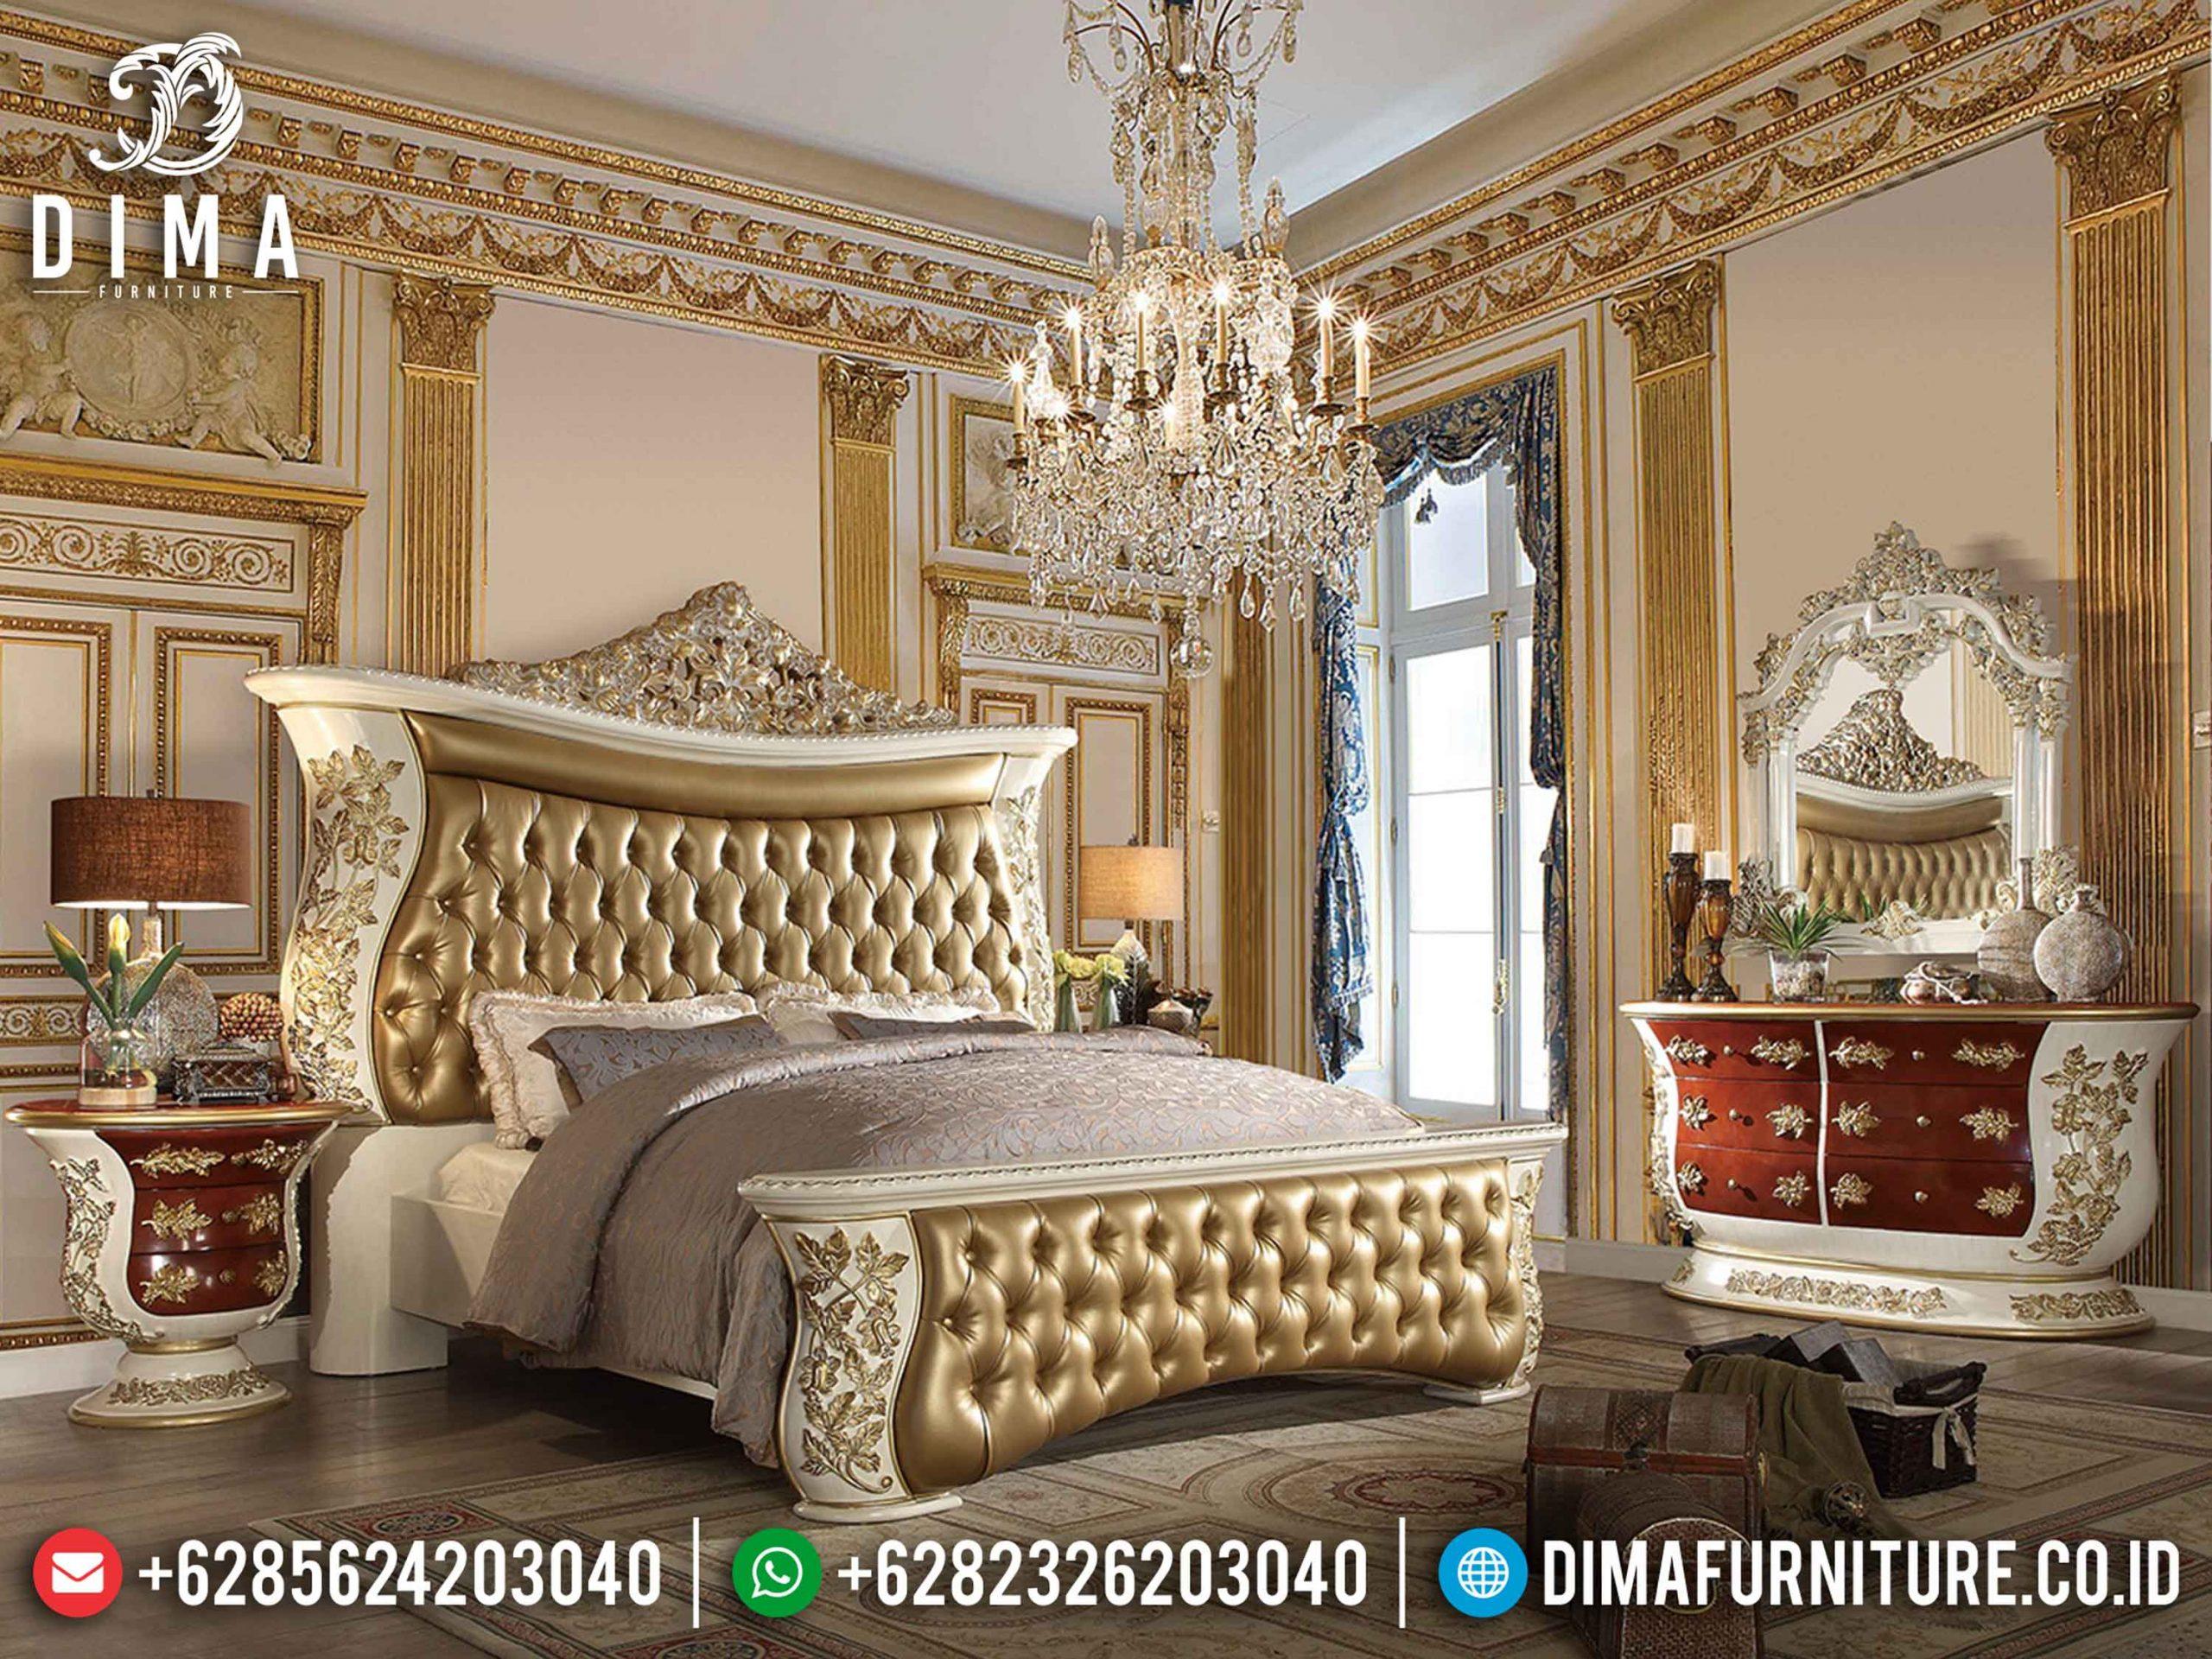 Interior Design Classic Kamar Set Mewah Ukir Jepara Luxury Europan Style TTJ-1151